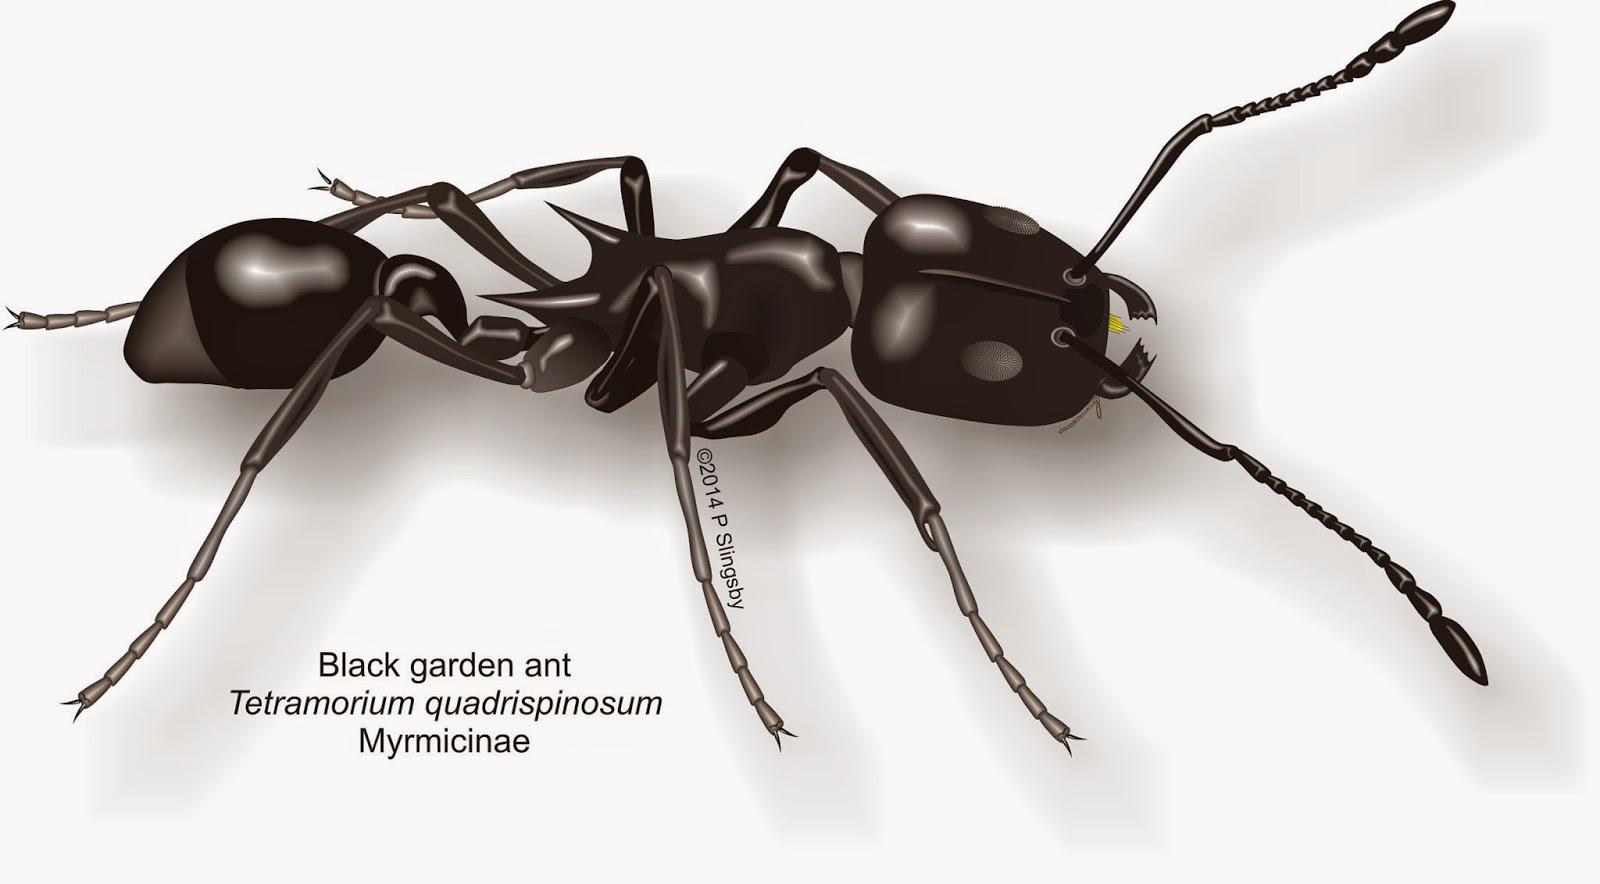 Ants of Southern Africa Tetramorium species Garden ants